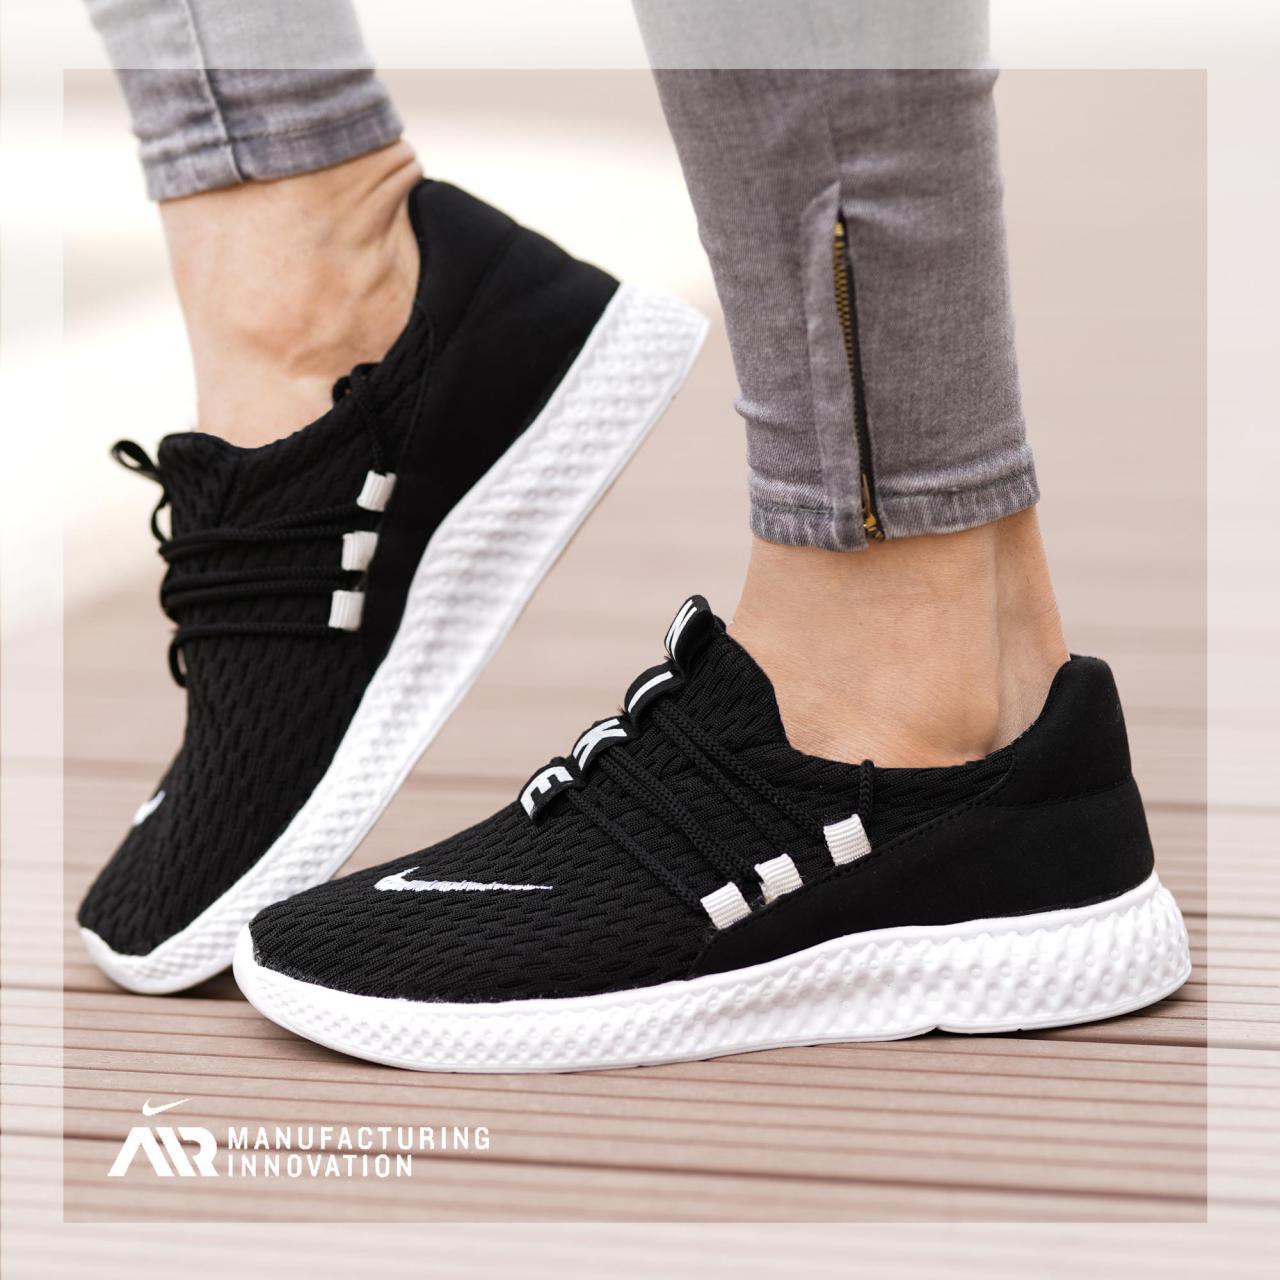 کفش مردانه Nike مدل Sufa(مشکی)